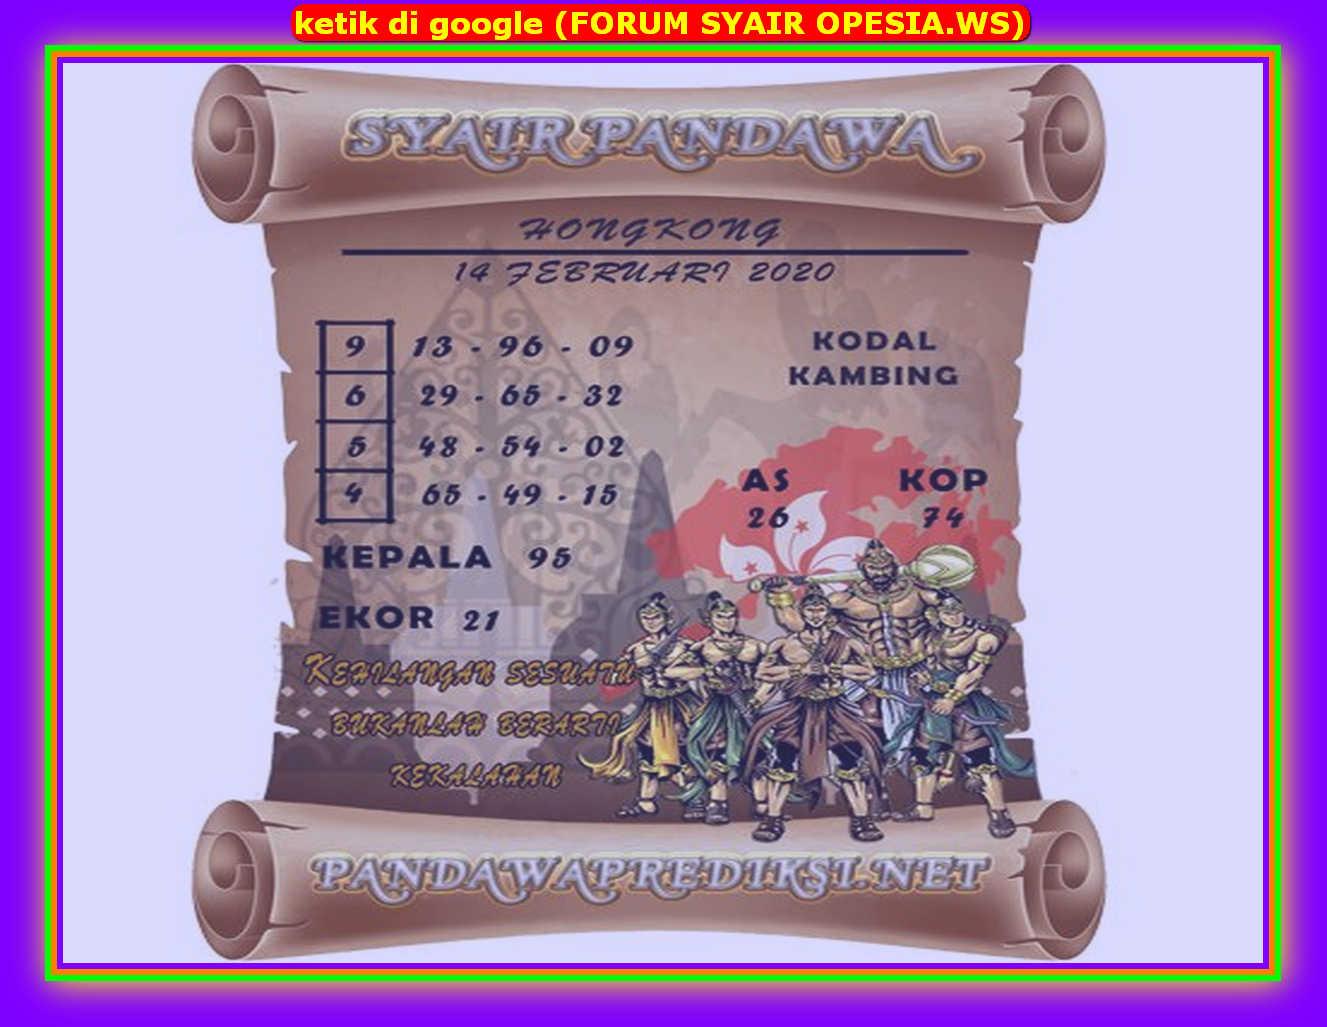 Kode syair Hongkong Jumat 14 Februari 2020 135